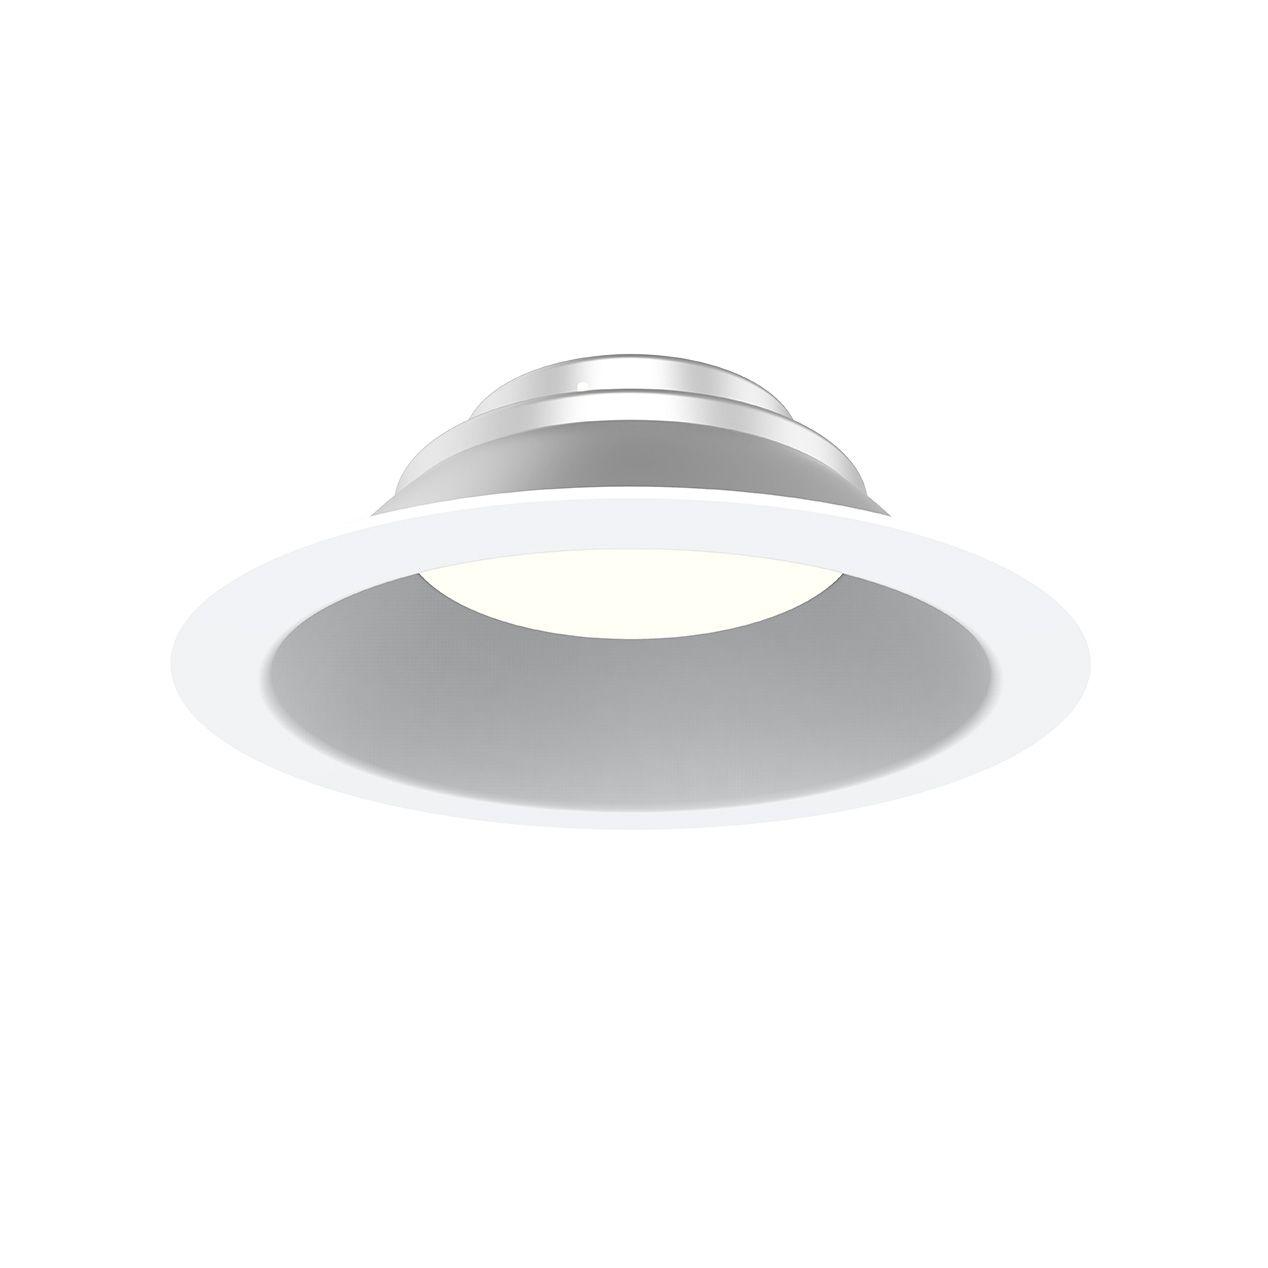 Drd1 Recessed Downlight Downlights Lighting Wall Lights